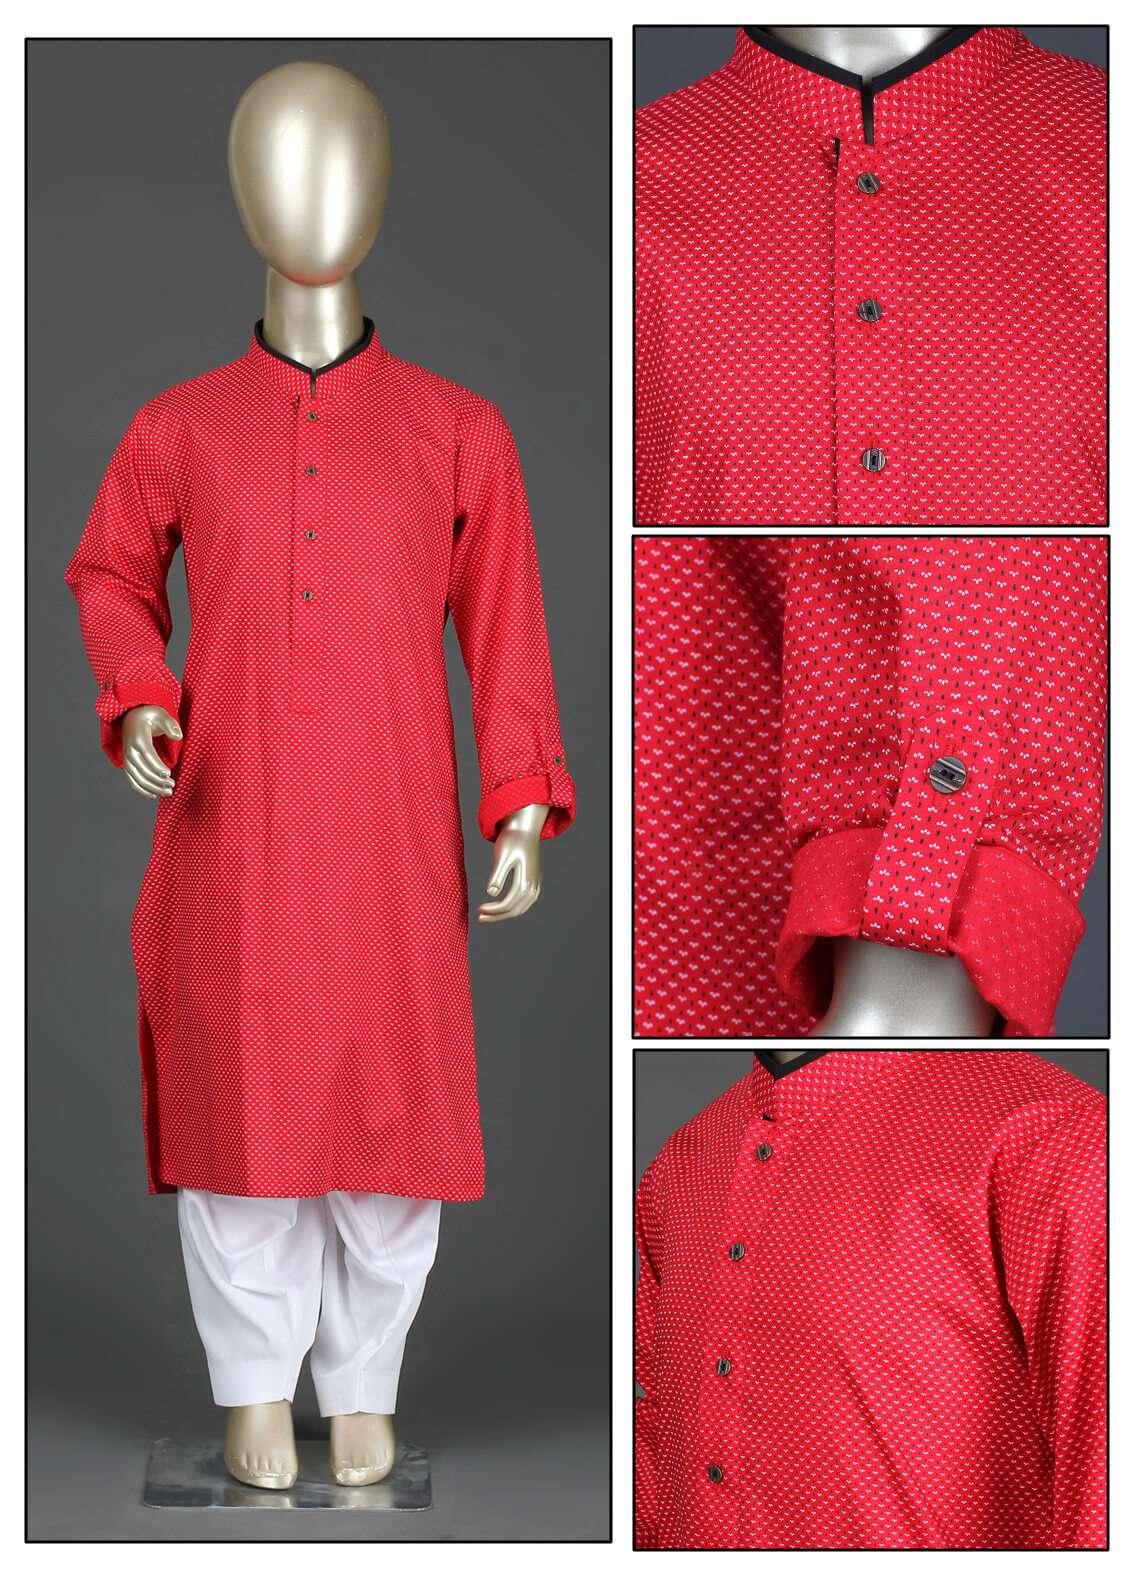 Aizaz Zafar Cotton Formal Boys Kurta Shalwar - AZ19B 220 Red